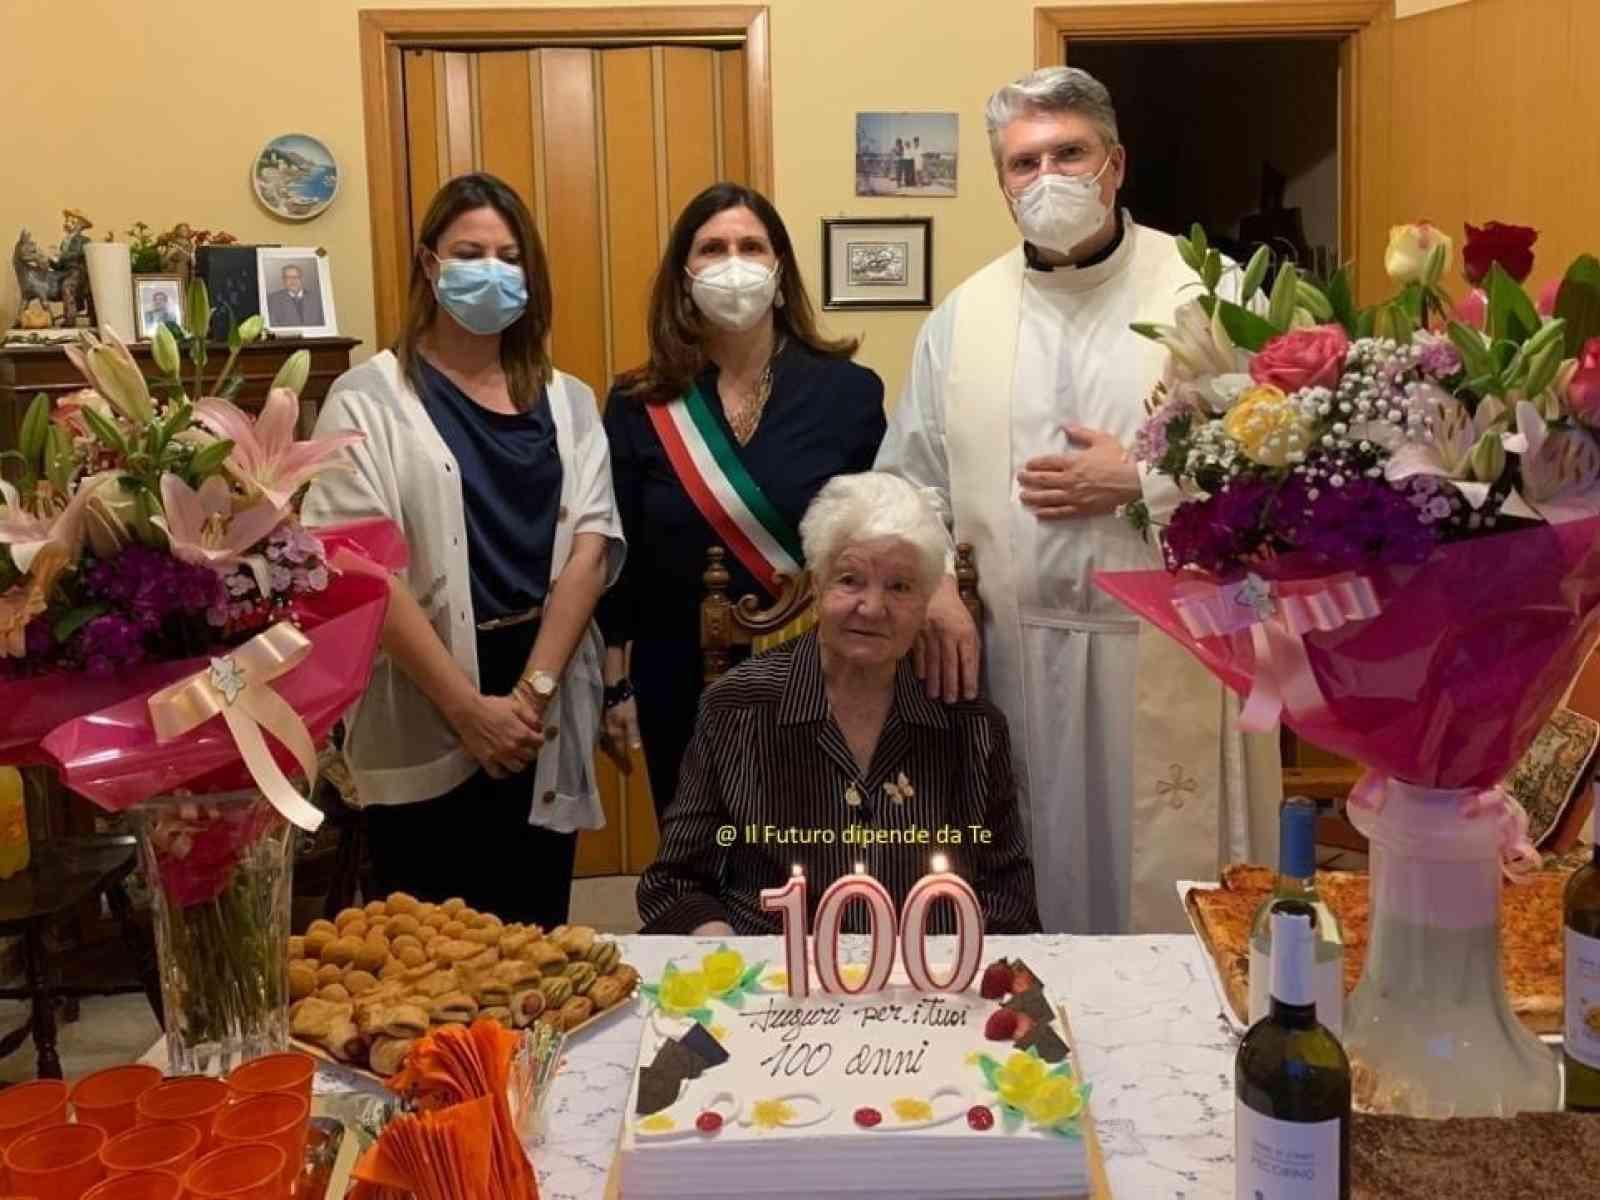 Immagine articolo: Menfi, festeggia 100 anni Paola Palmeri. Al taglio della torta anche il Sindaco e l'Arciprete.